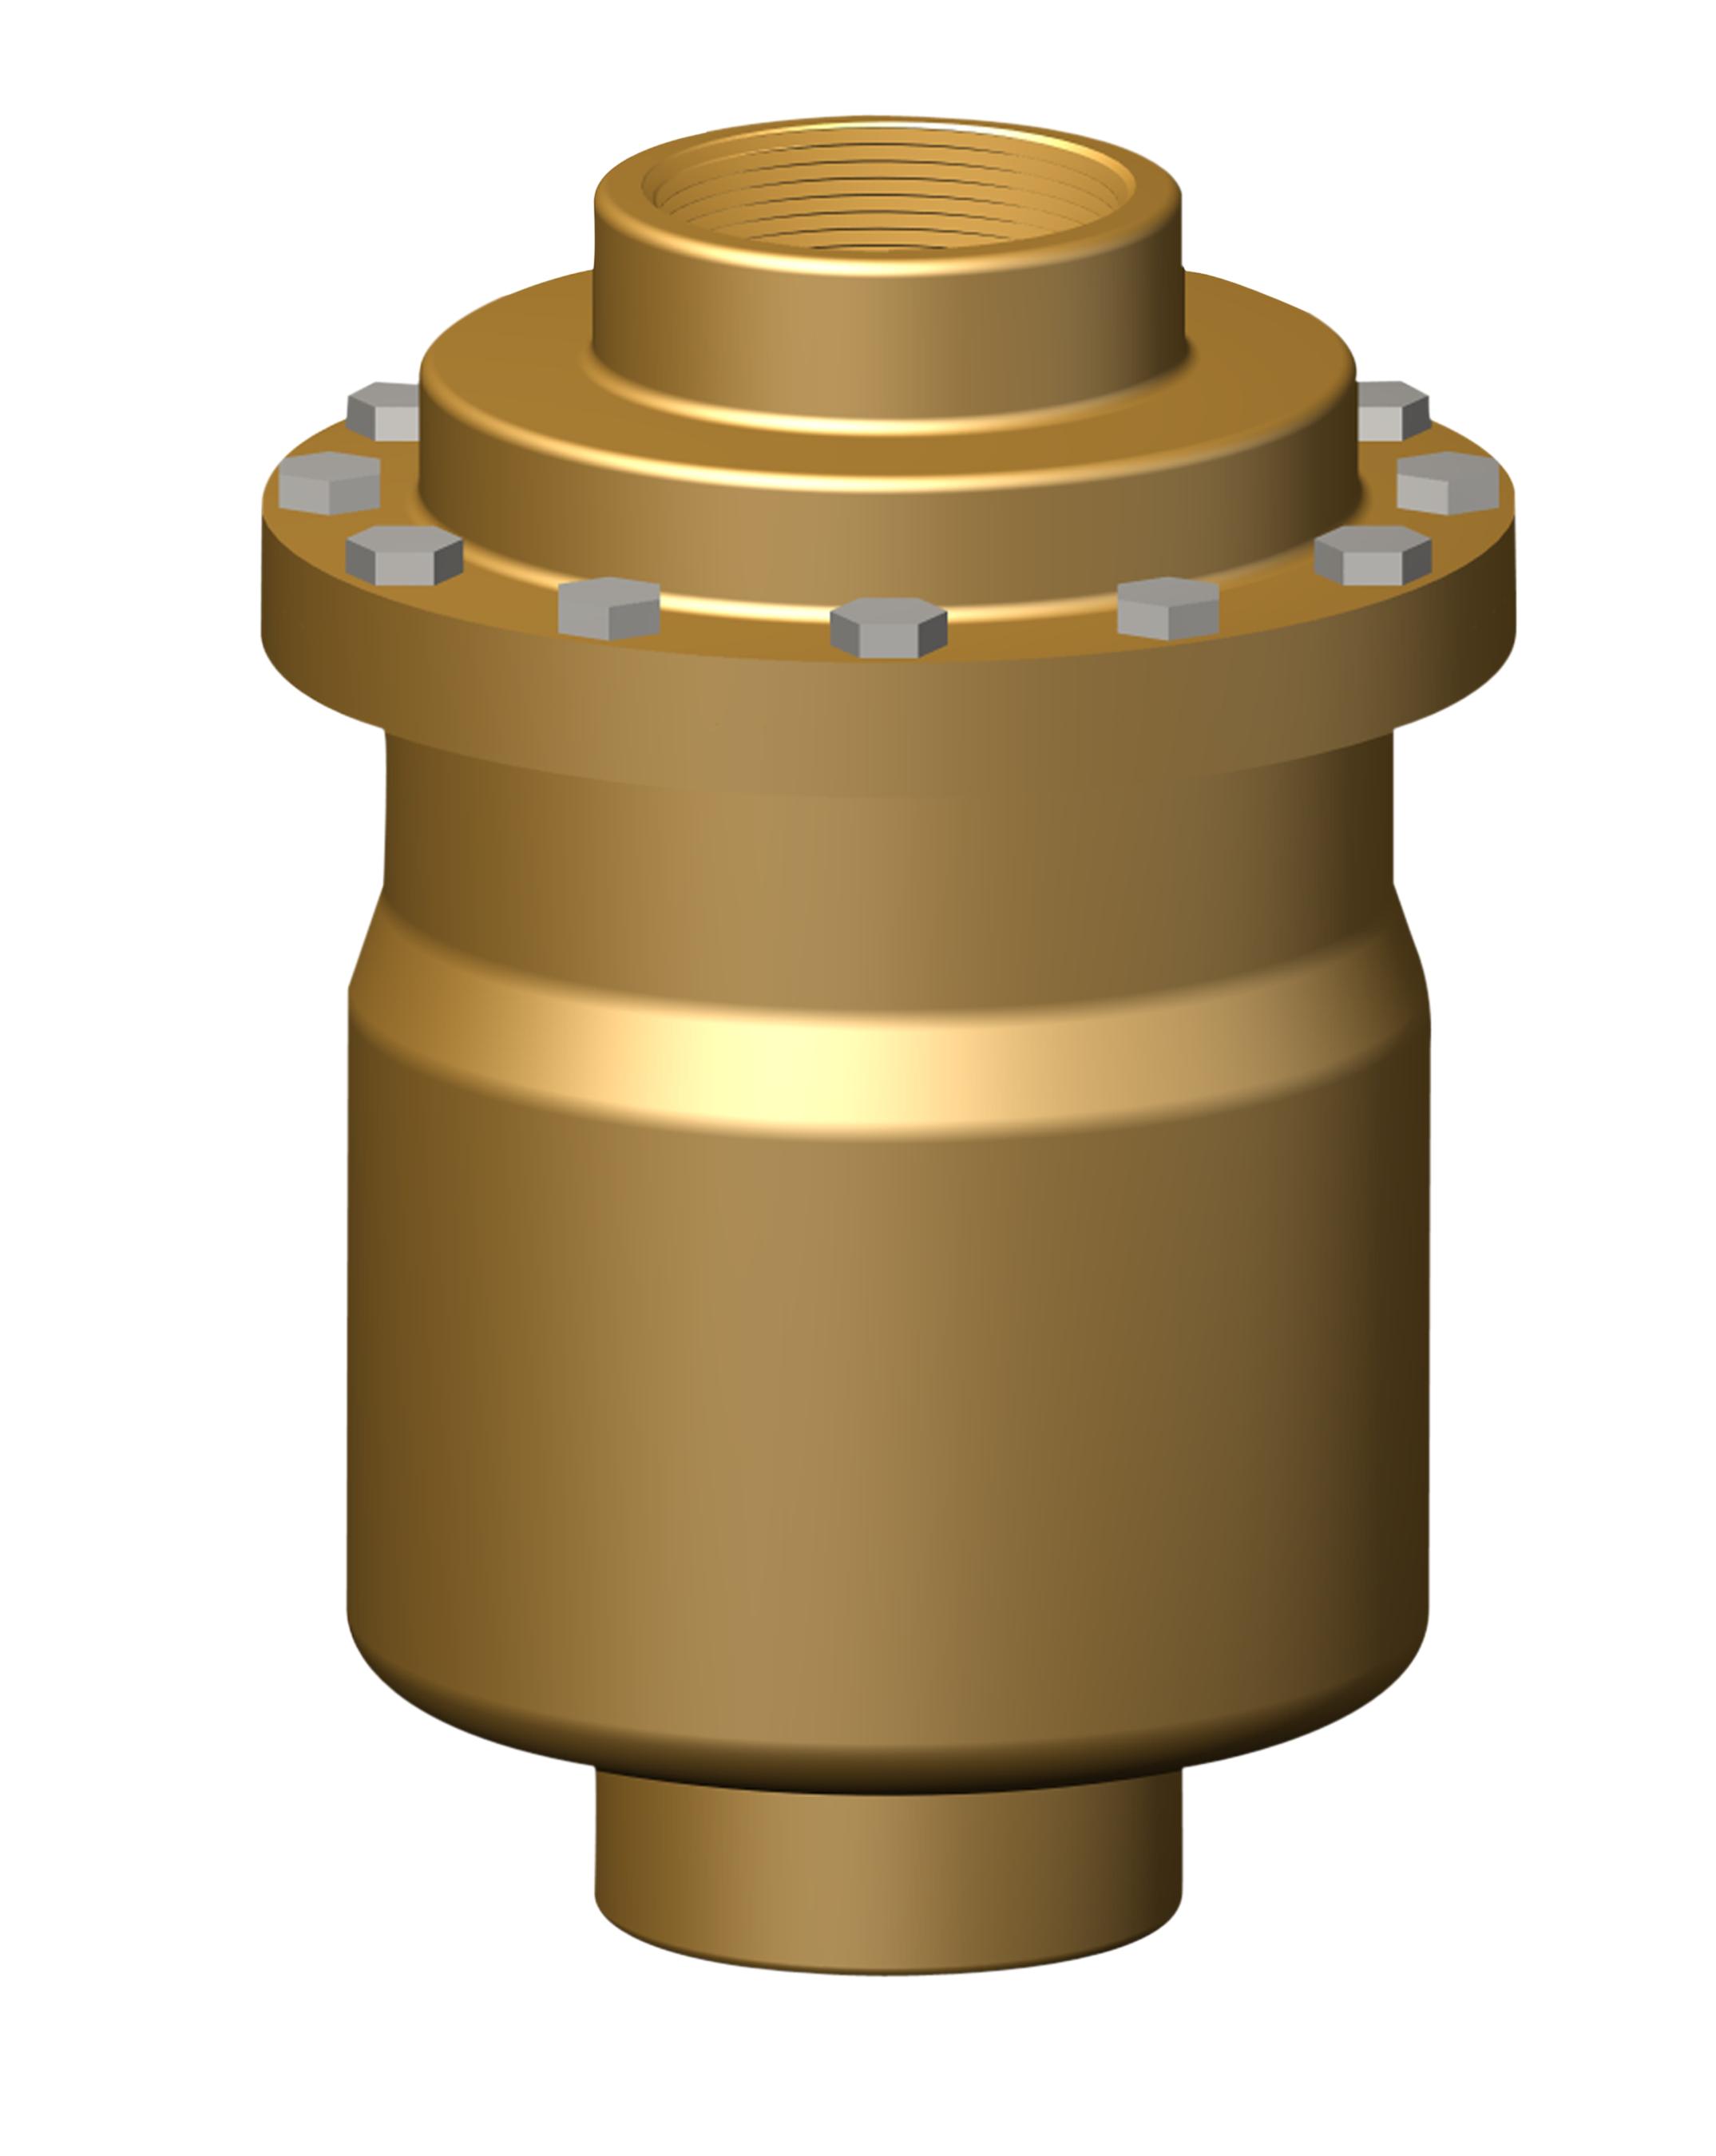 Air release valves vaccum break